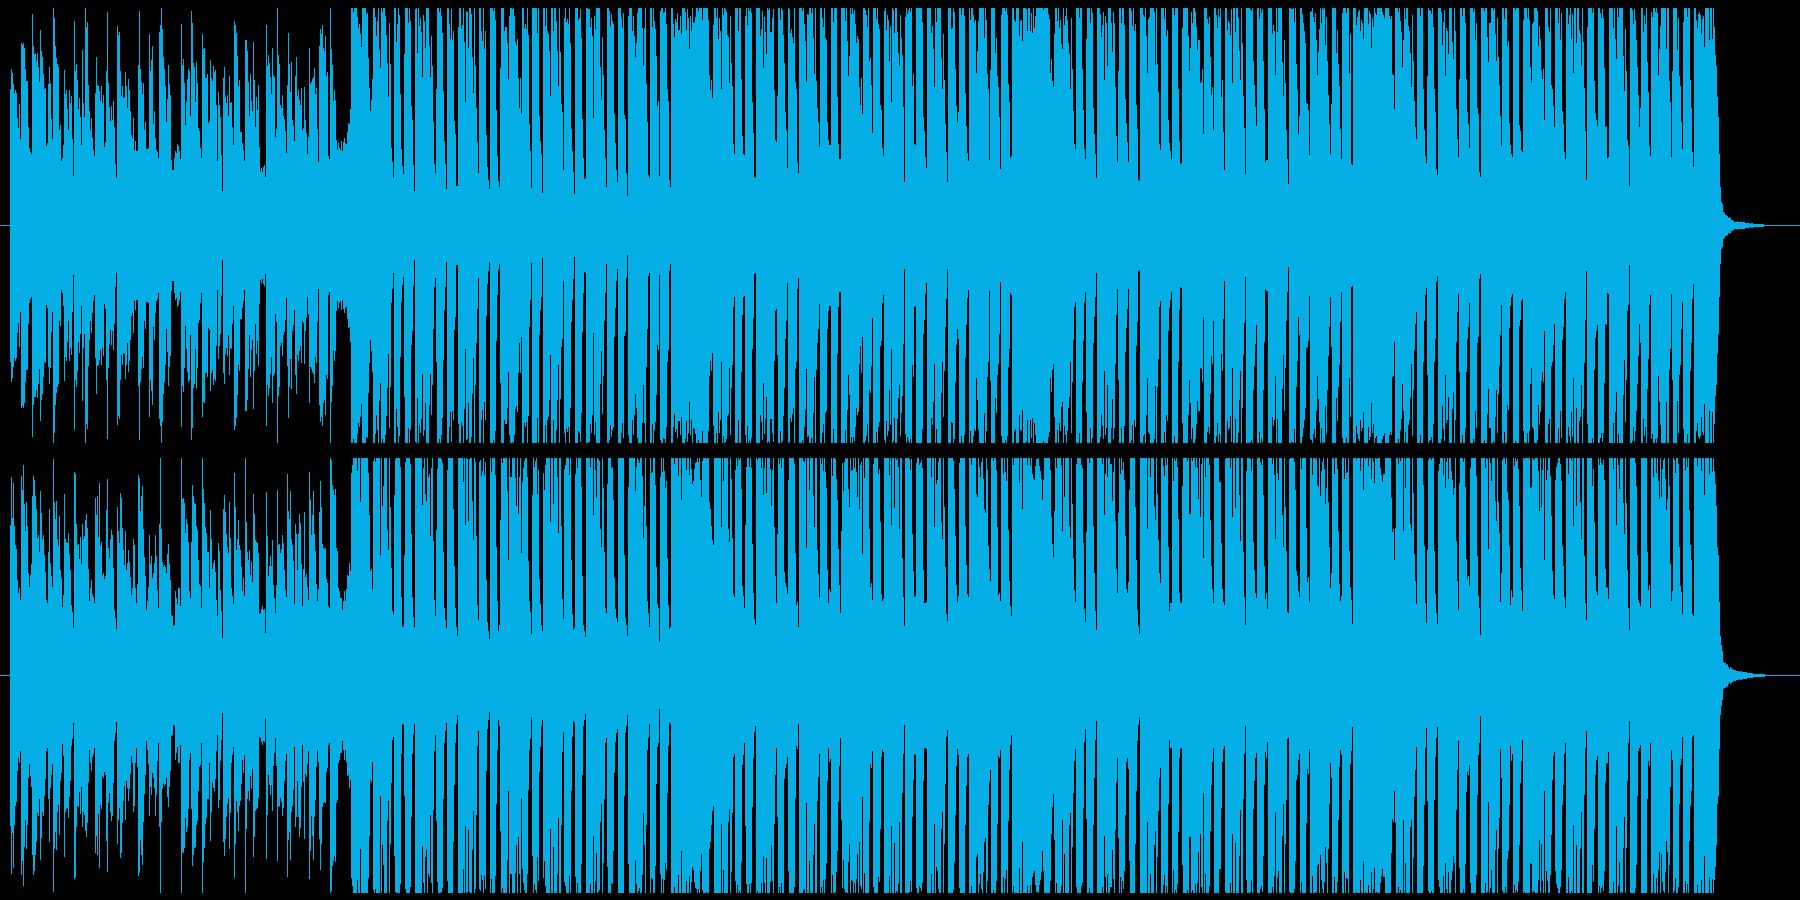 アラビアンなエレクトロミュージックの再生済みの波形